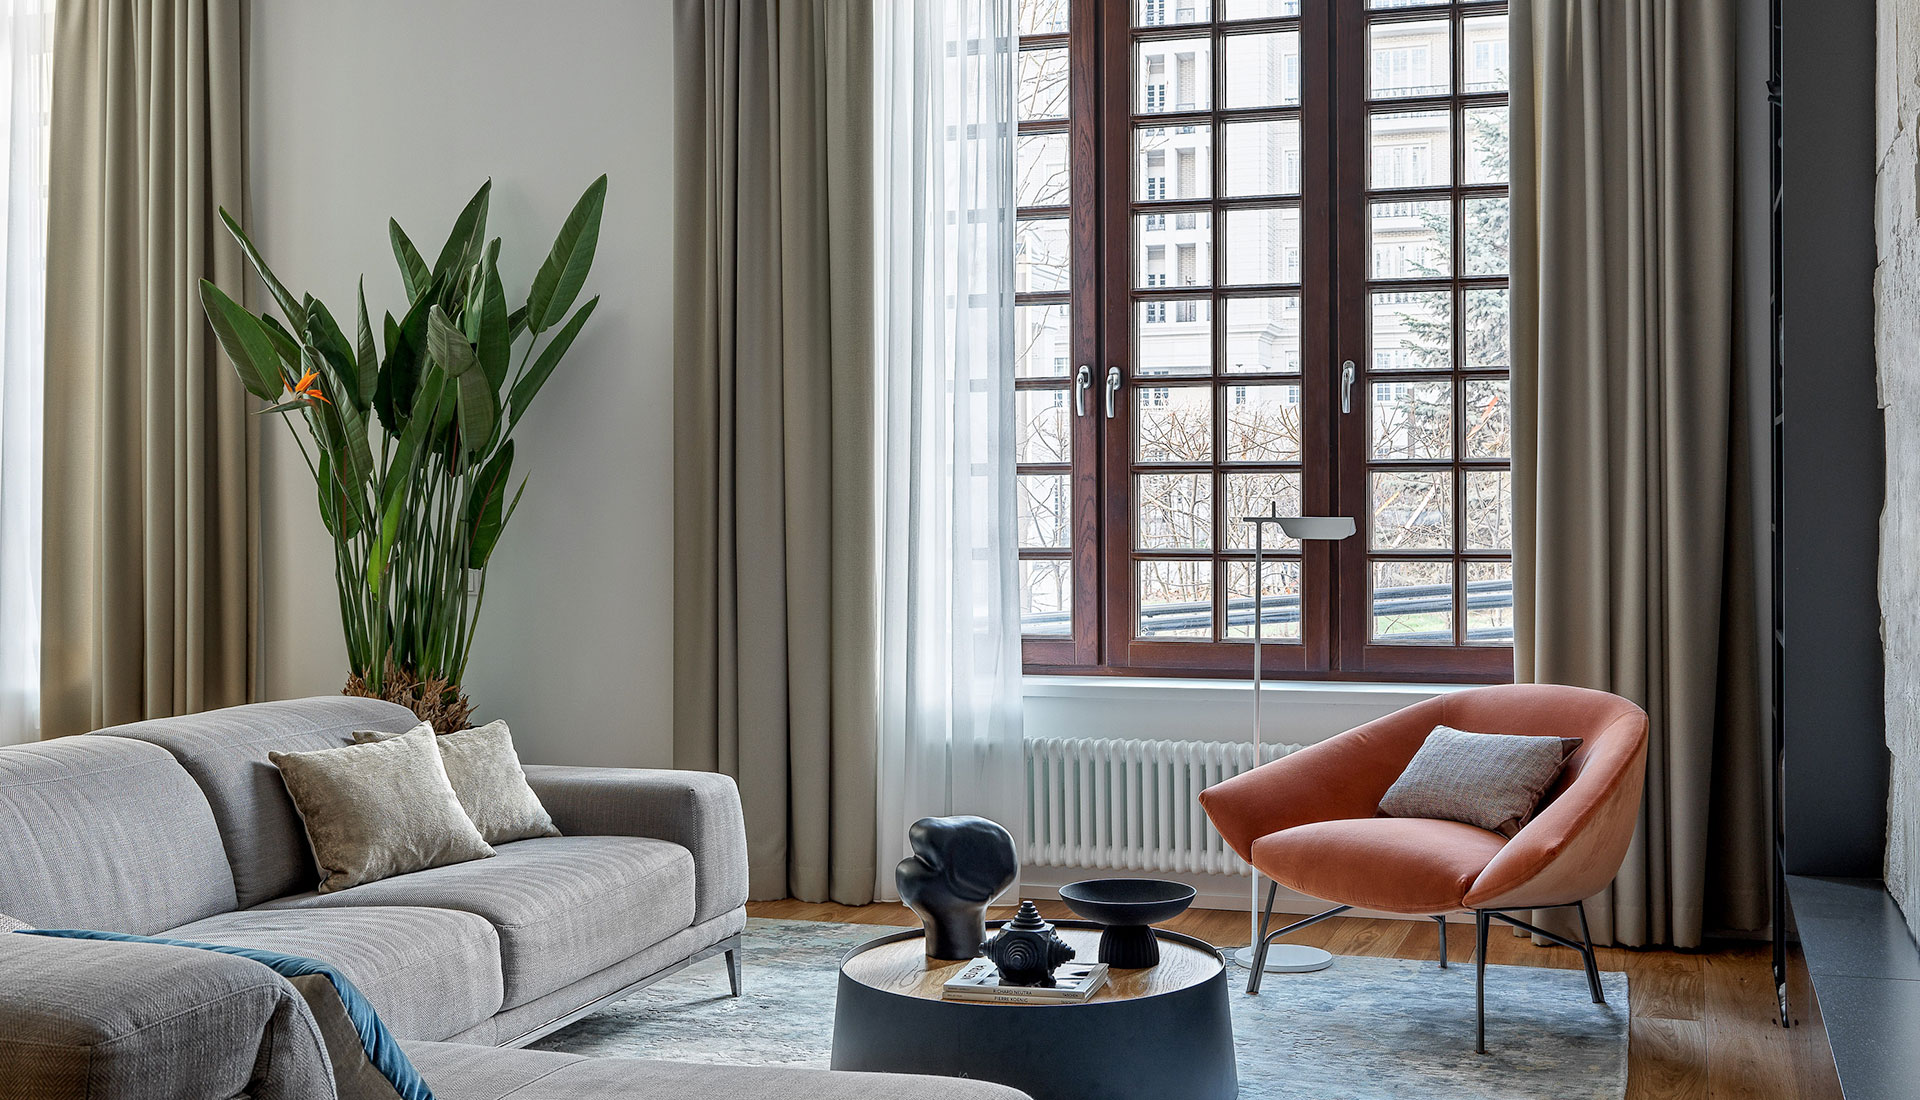 Студия Design Rocks: двухуровневая квартира в Москве